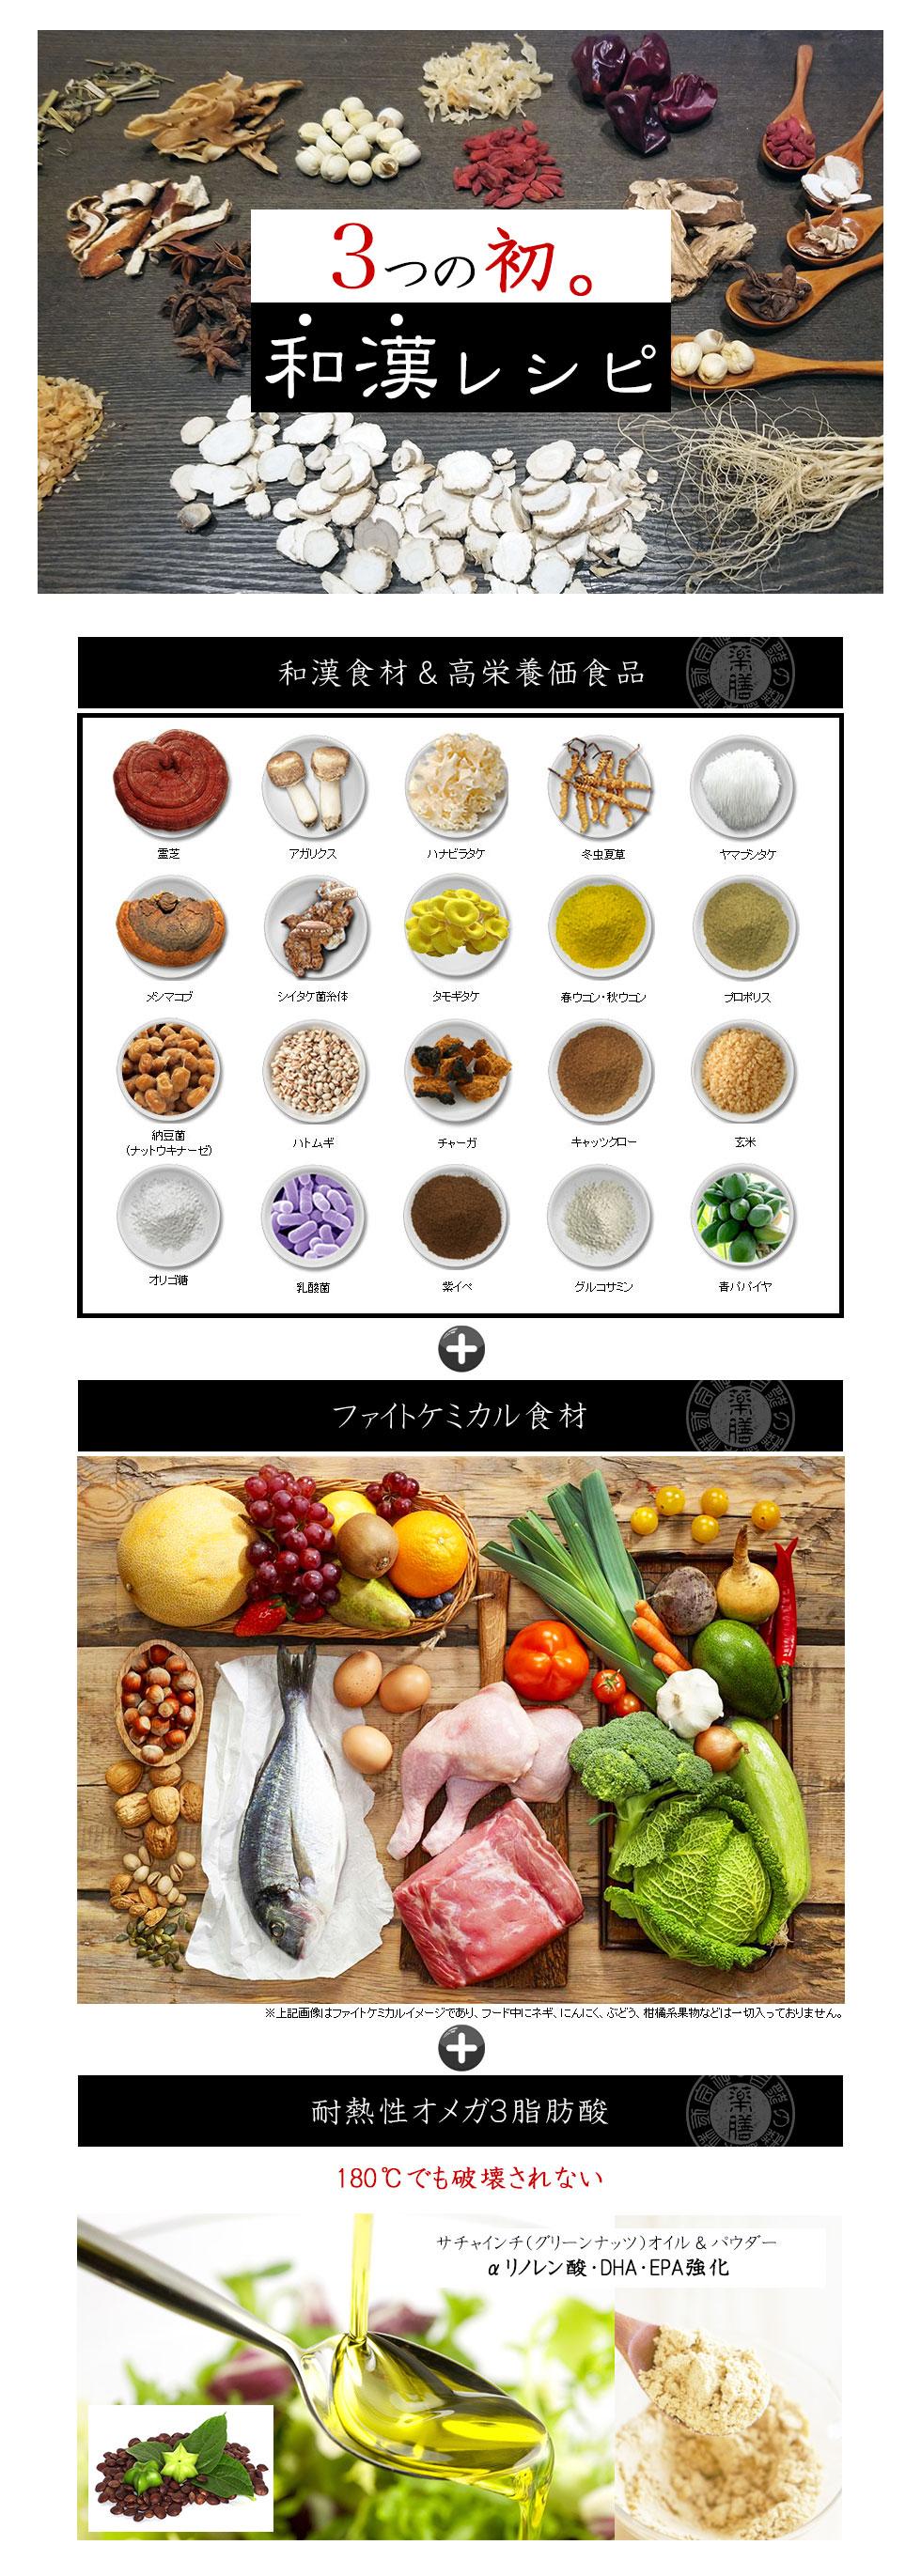 3つの初。和漢レシピ 漢方&高栄養価商品 マクロビ食材 耐熱性オメガ3脂肪酸